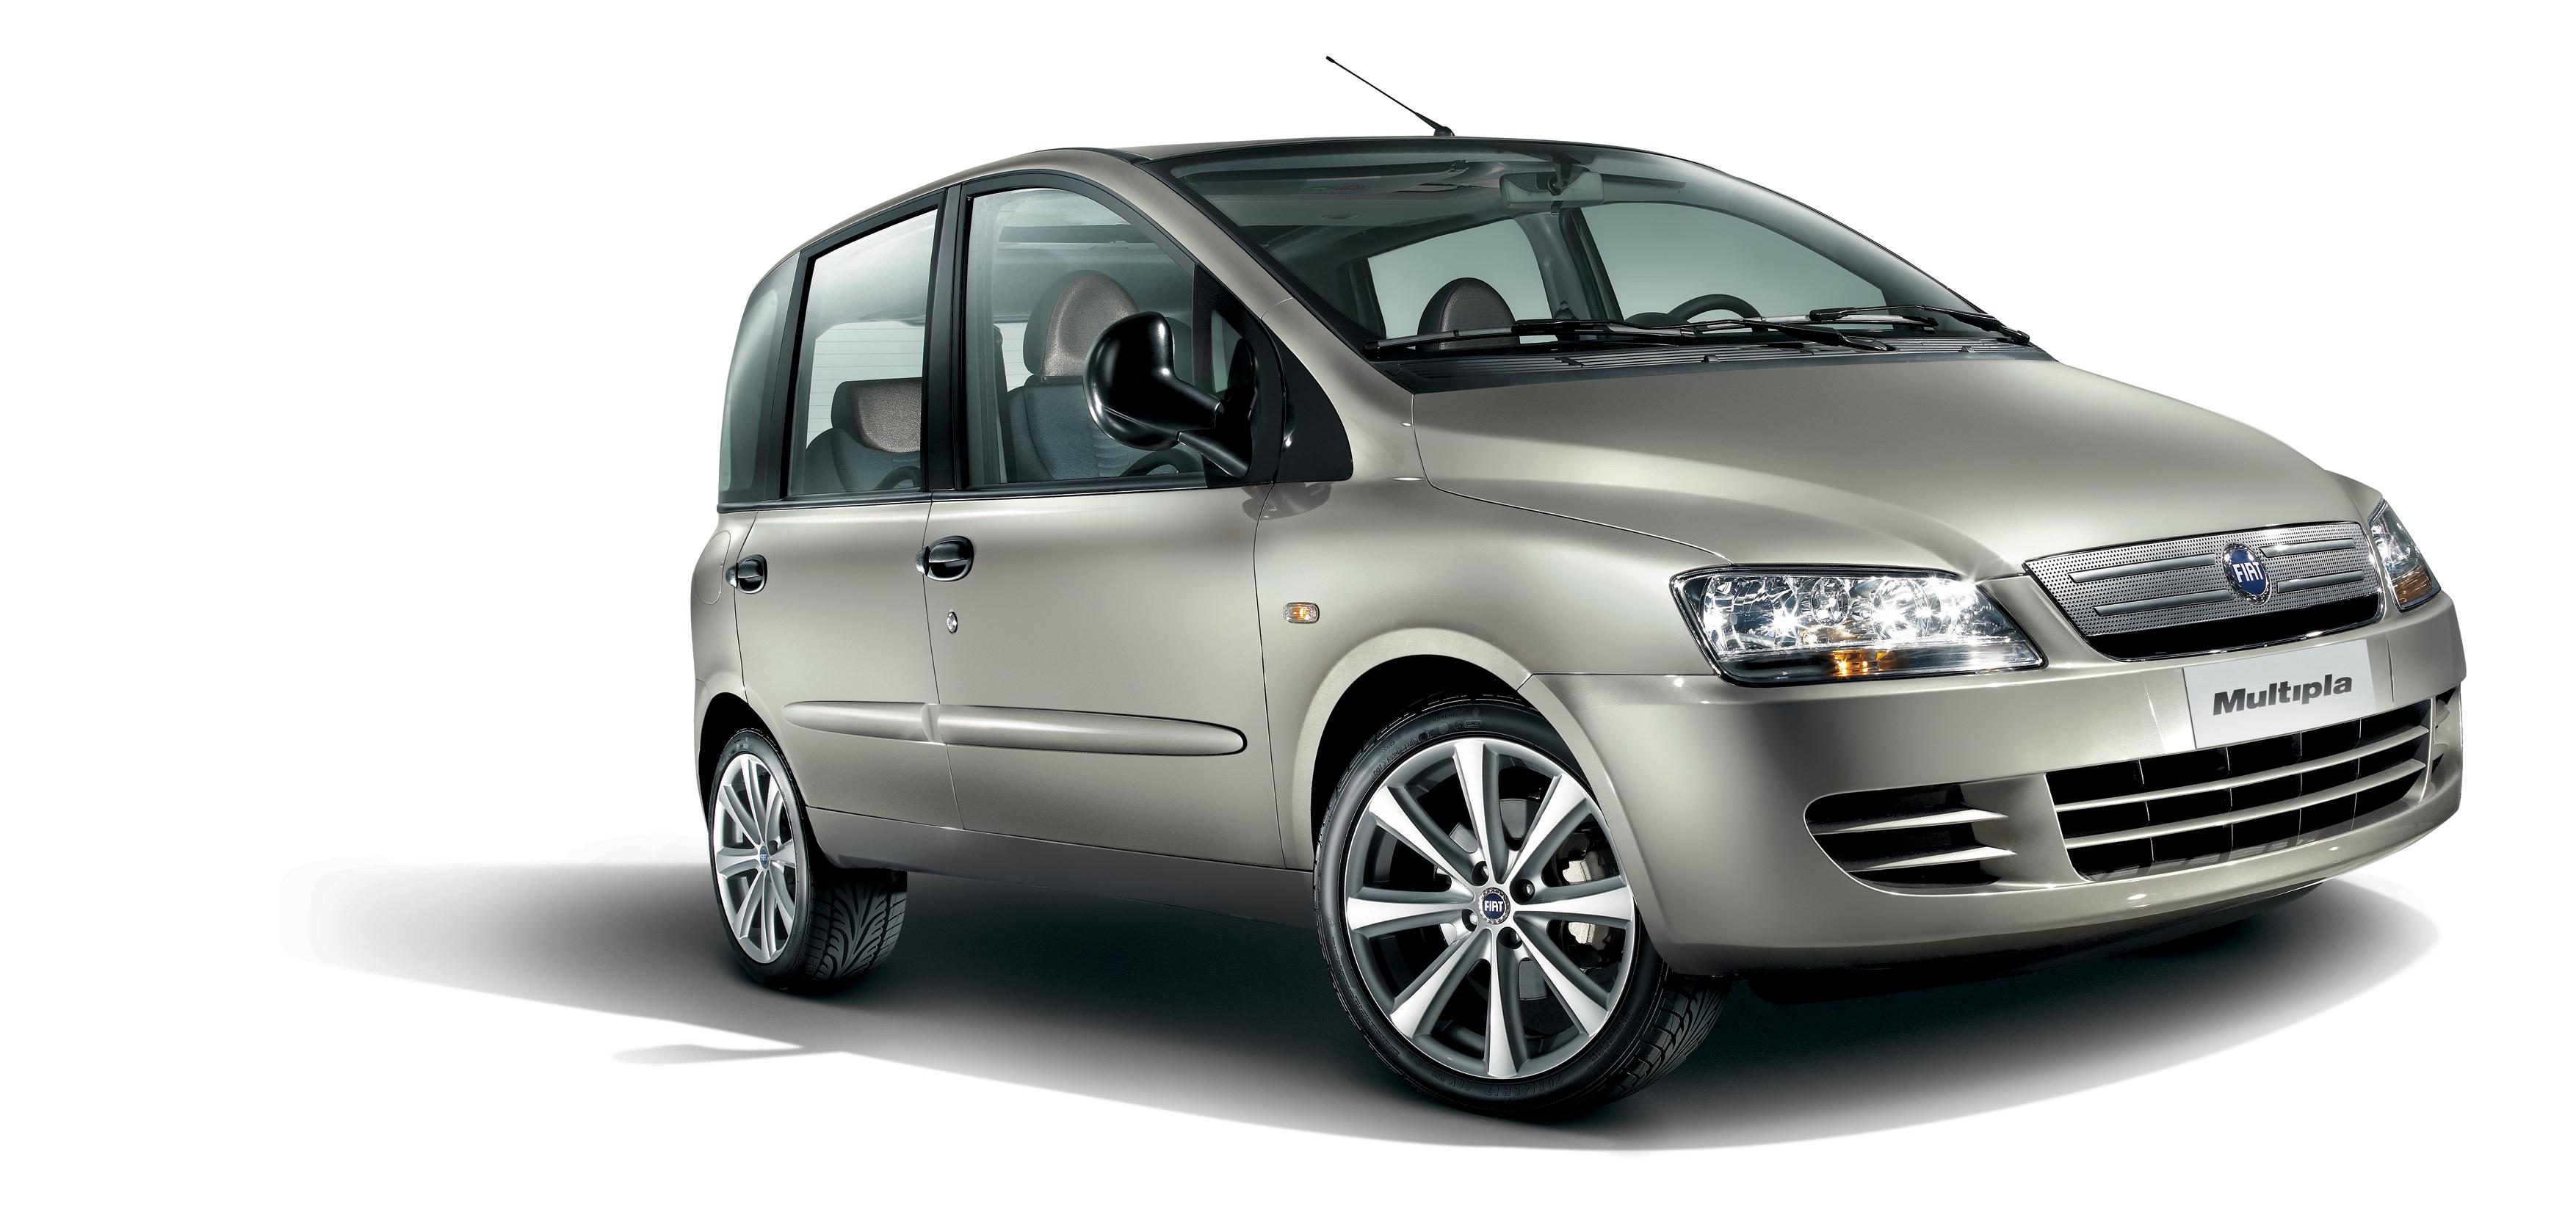 fiat multipla das neue modelljahr italienischer kompaktvan betont mit facelift das fiat. Black Bedroom Furniture Sets. Home Design Ideas